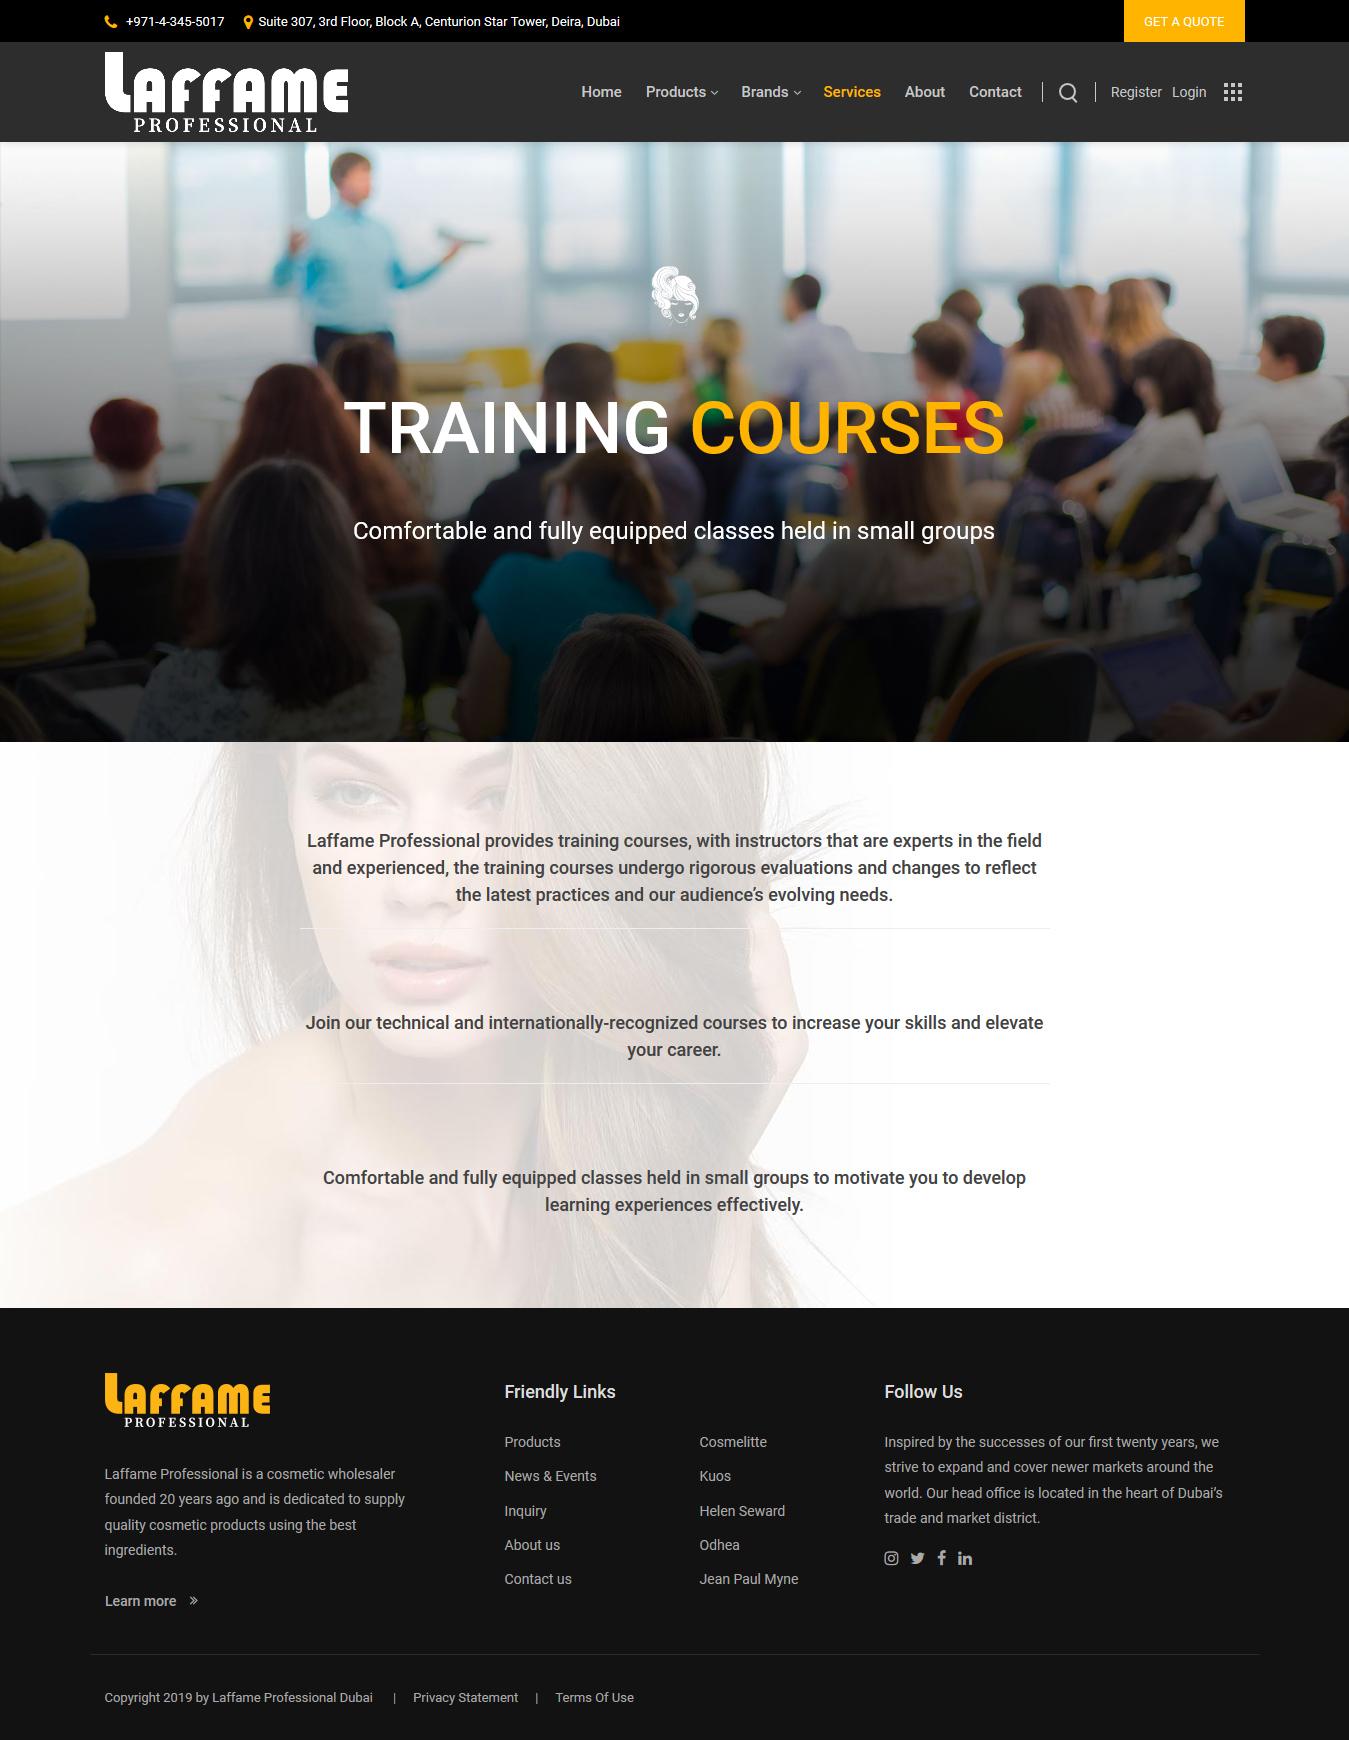 تصویری از صفحه خدمات Laffame Professional دوبی